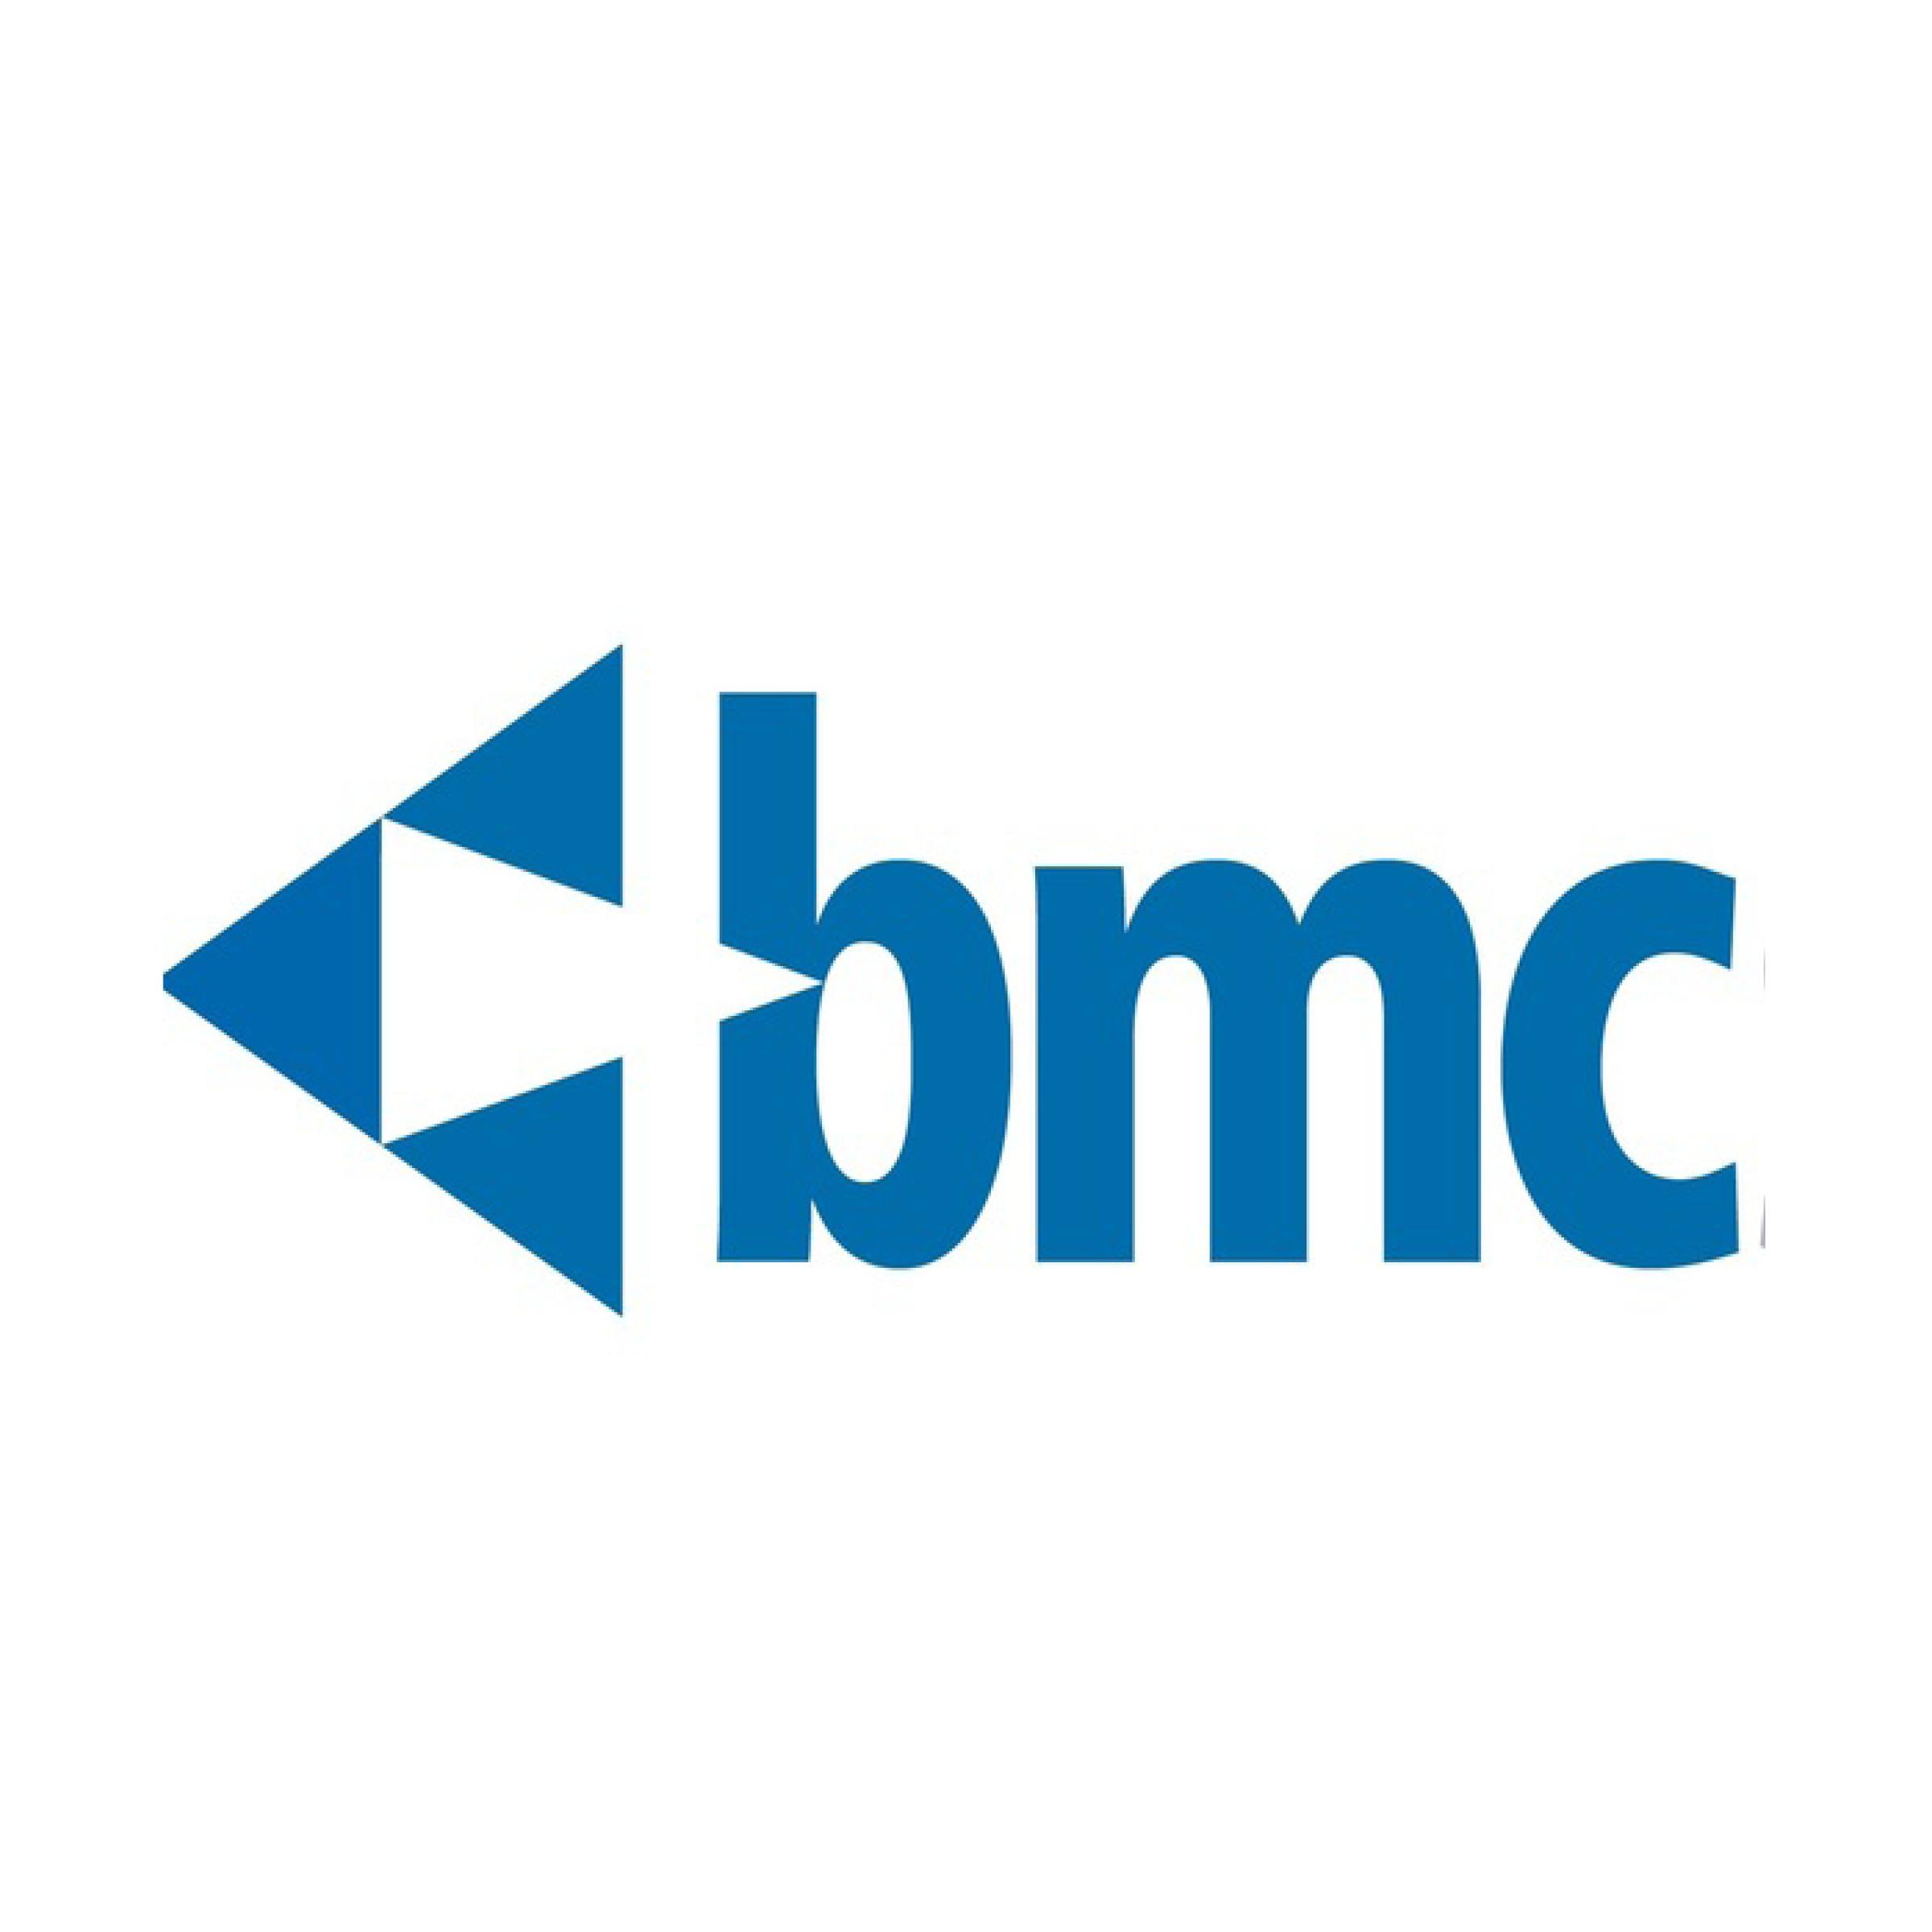 BMC SQ.jpg